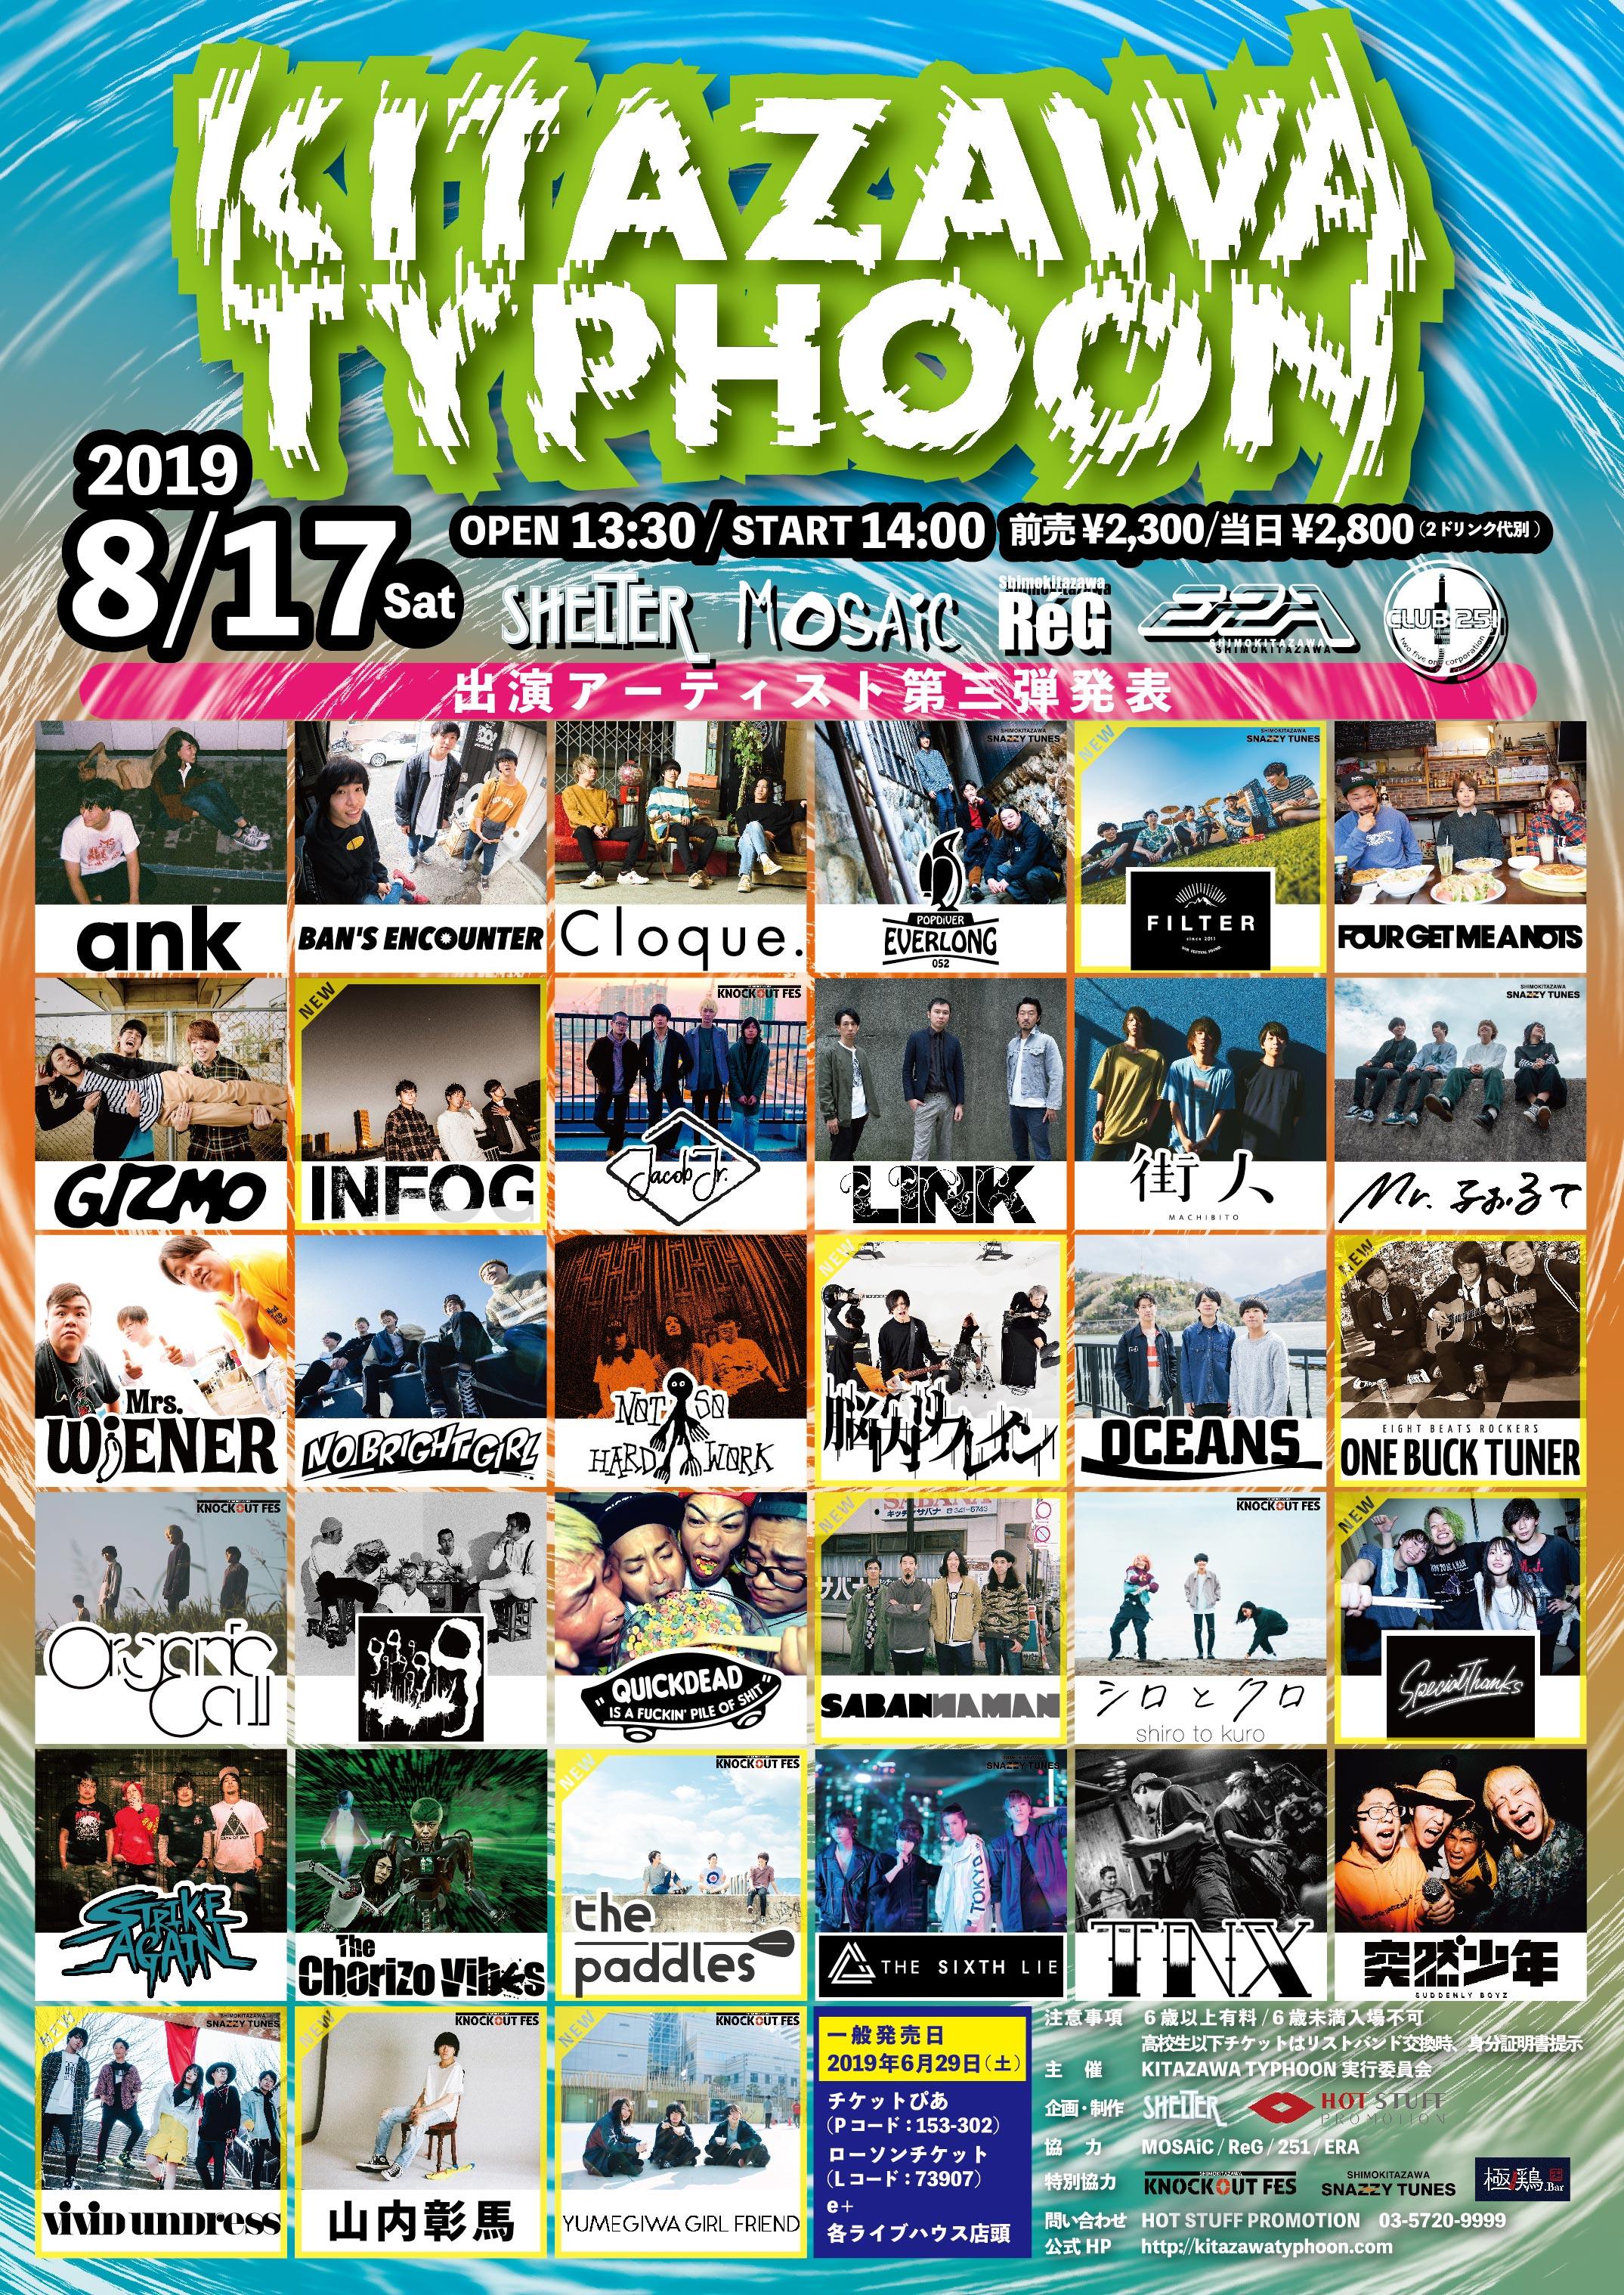 kitazawatyphoon2019_flyer_B5_190622_OL